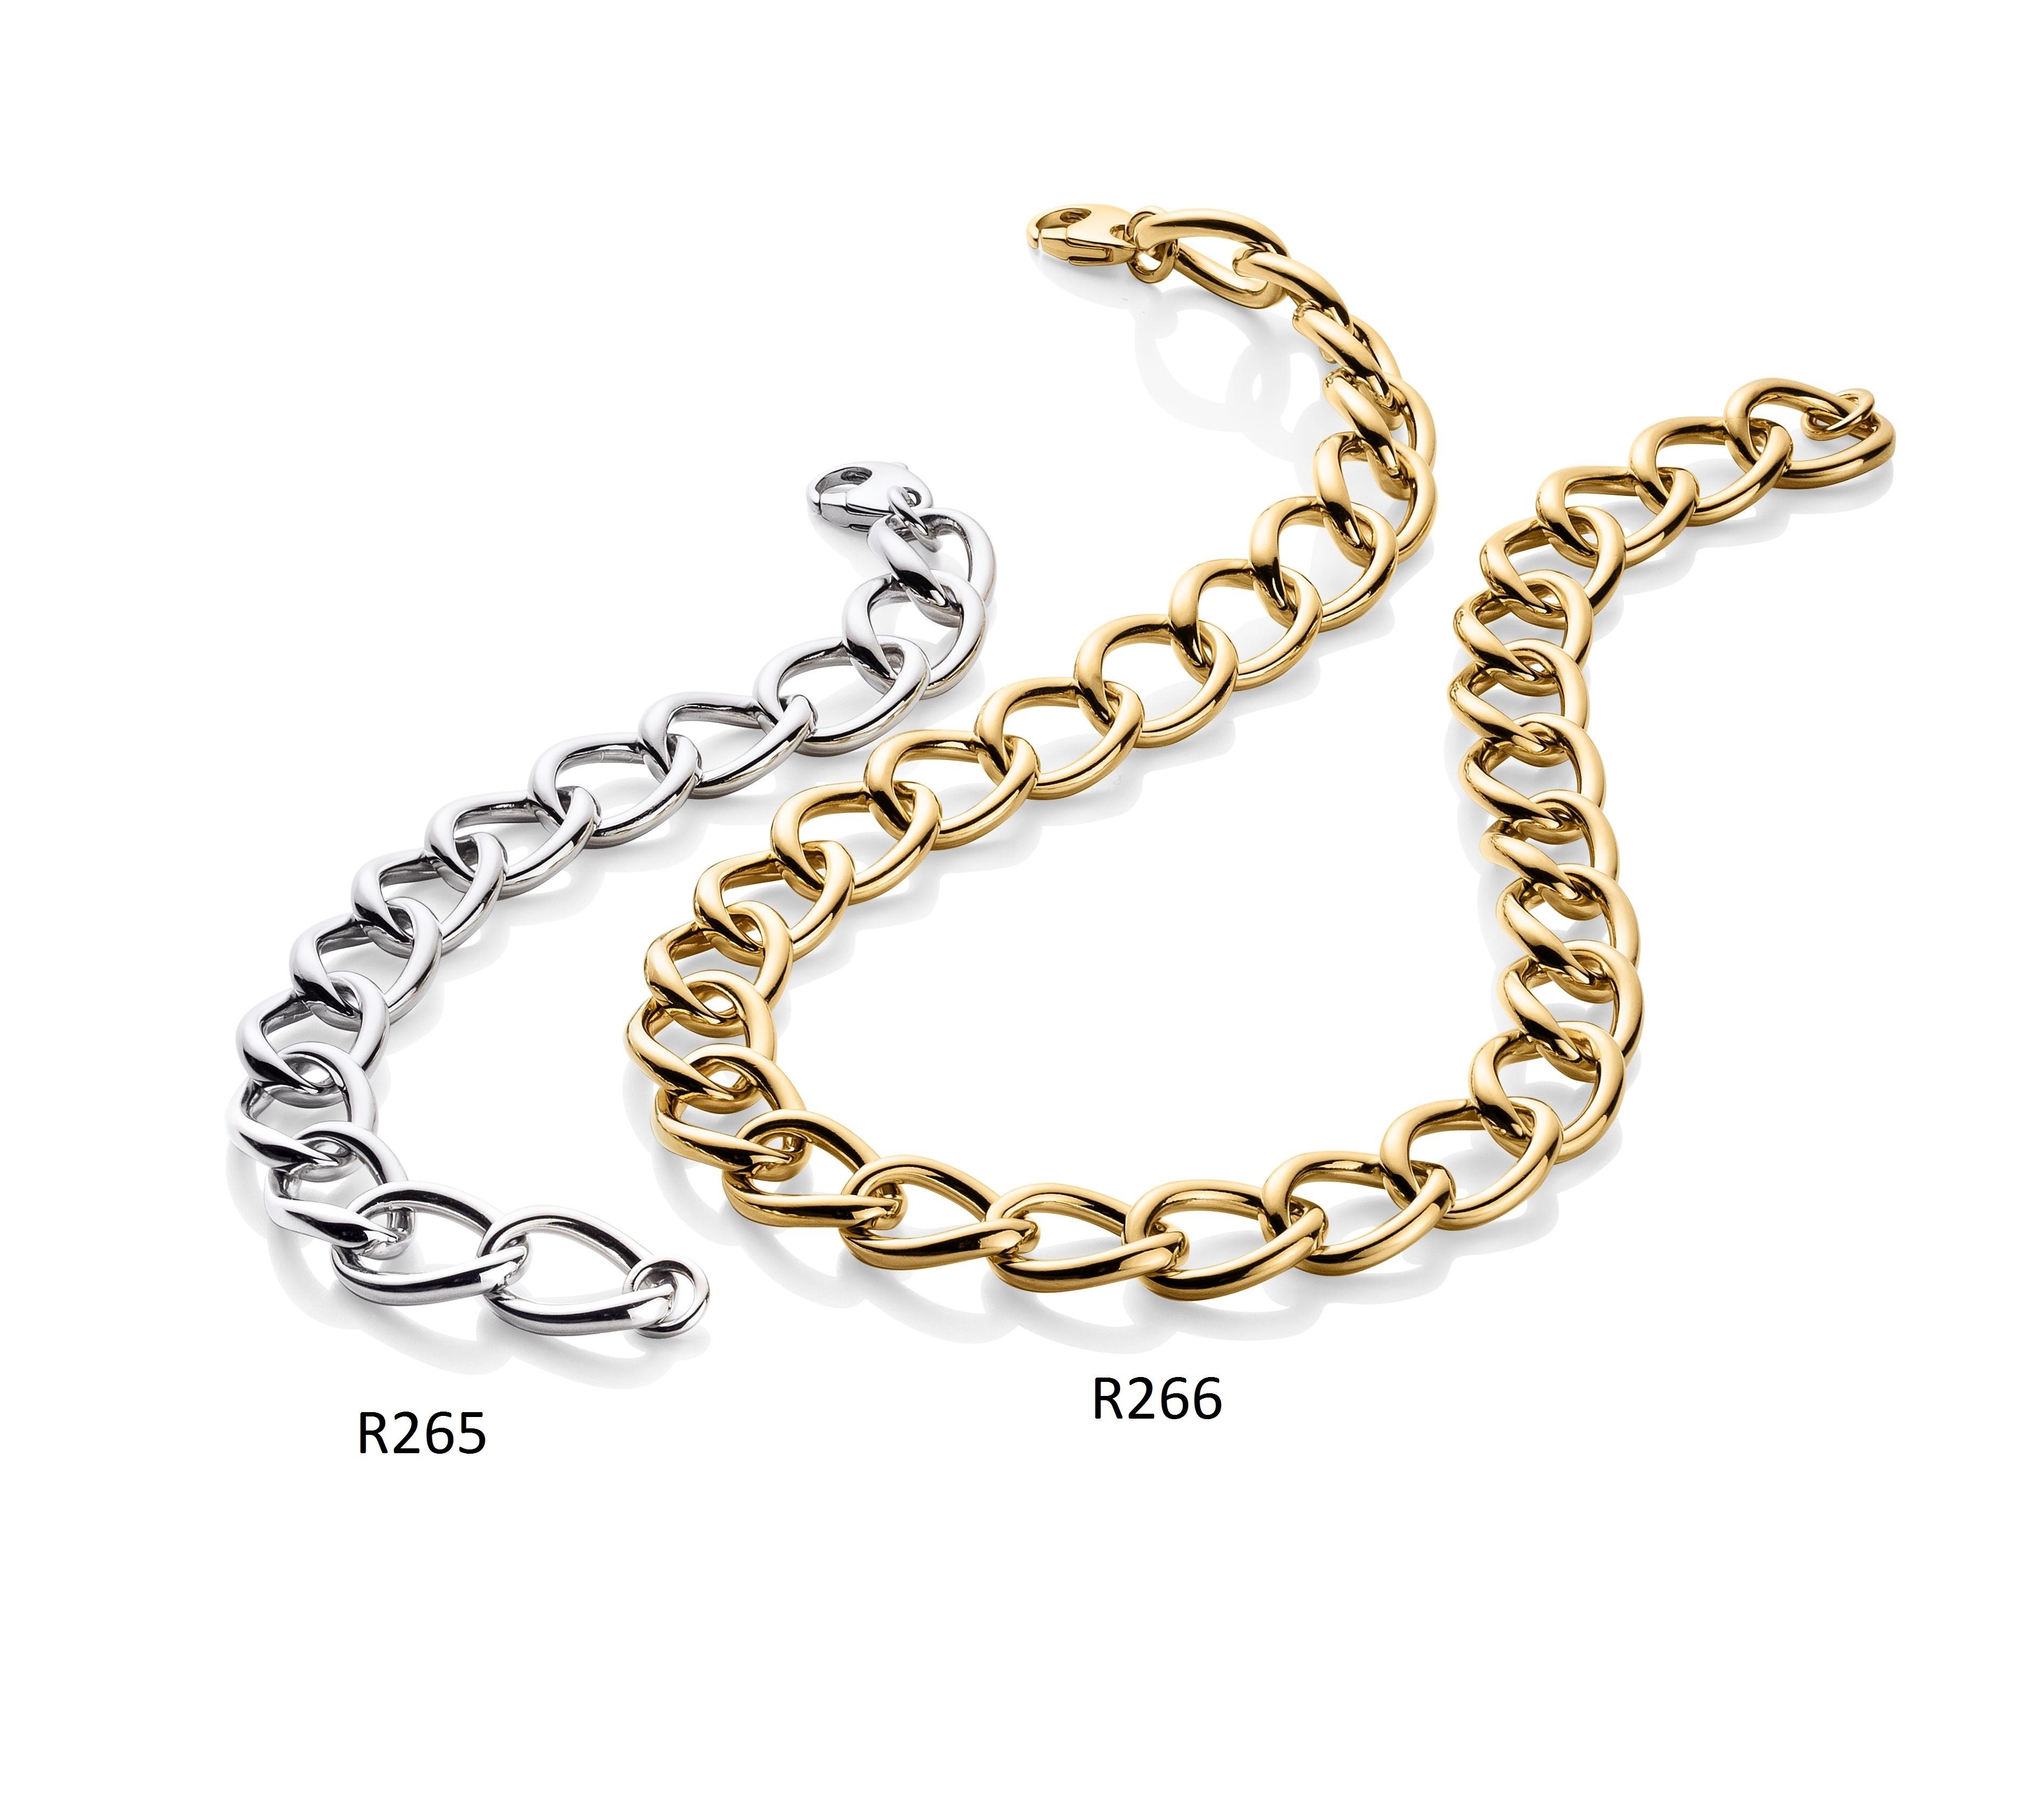 Ratius Armband + Kette verschiedene Plattierungen R265,R266